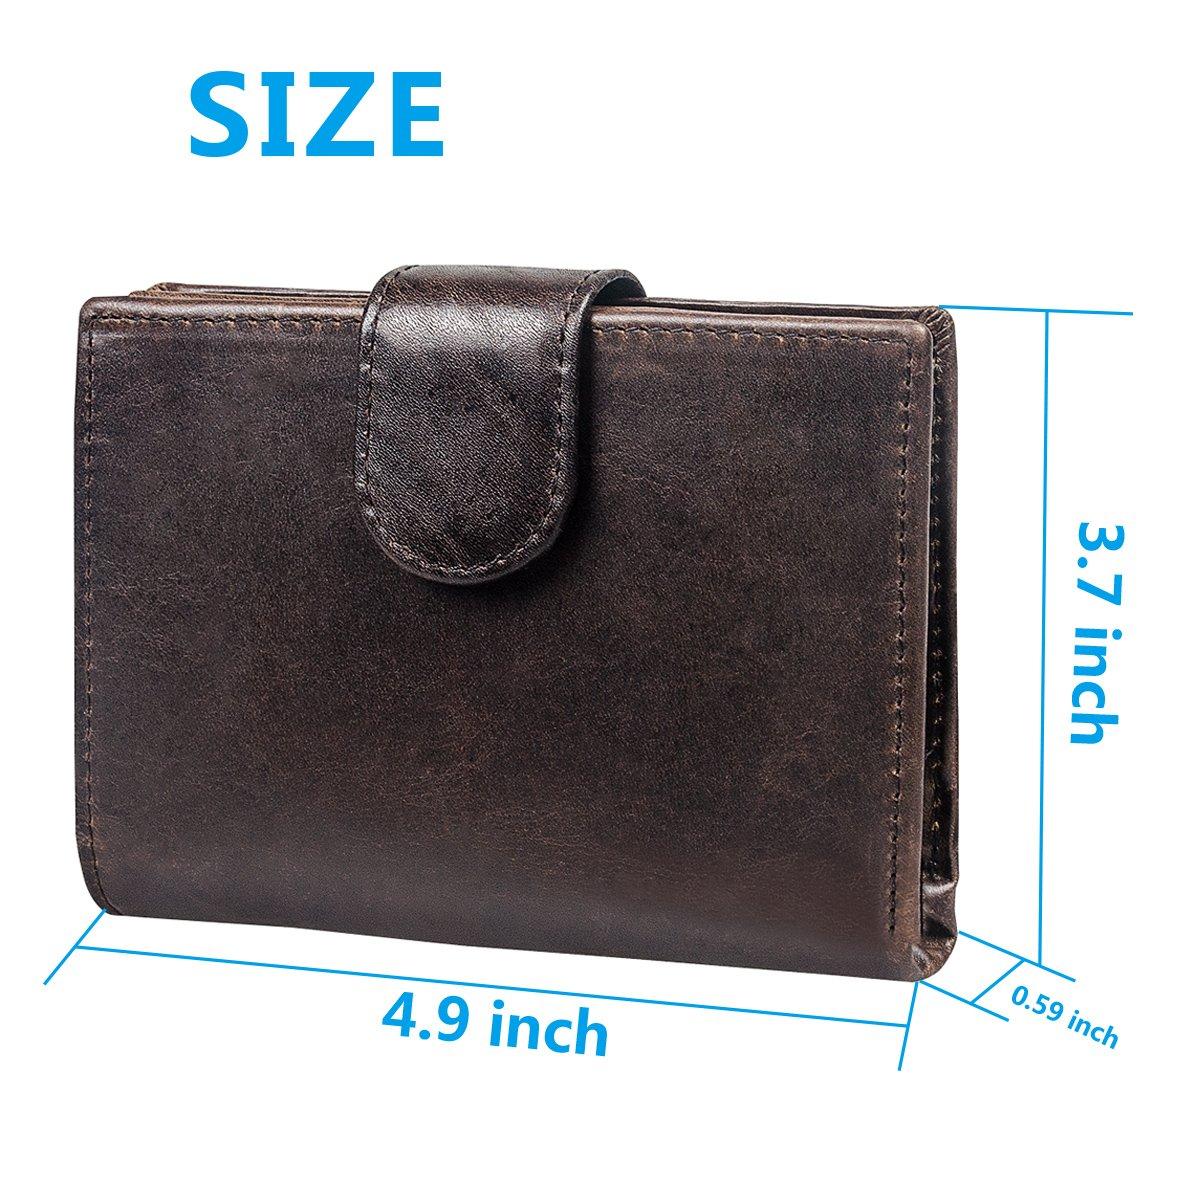 Cartera de bloqueo de RFID para hombres con bolsillo para monedas - Cuero genuino Trifold Vintage - Ideal para viajes - Compacta - Capacidad para 14 ...